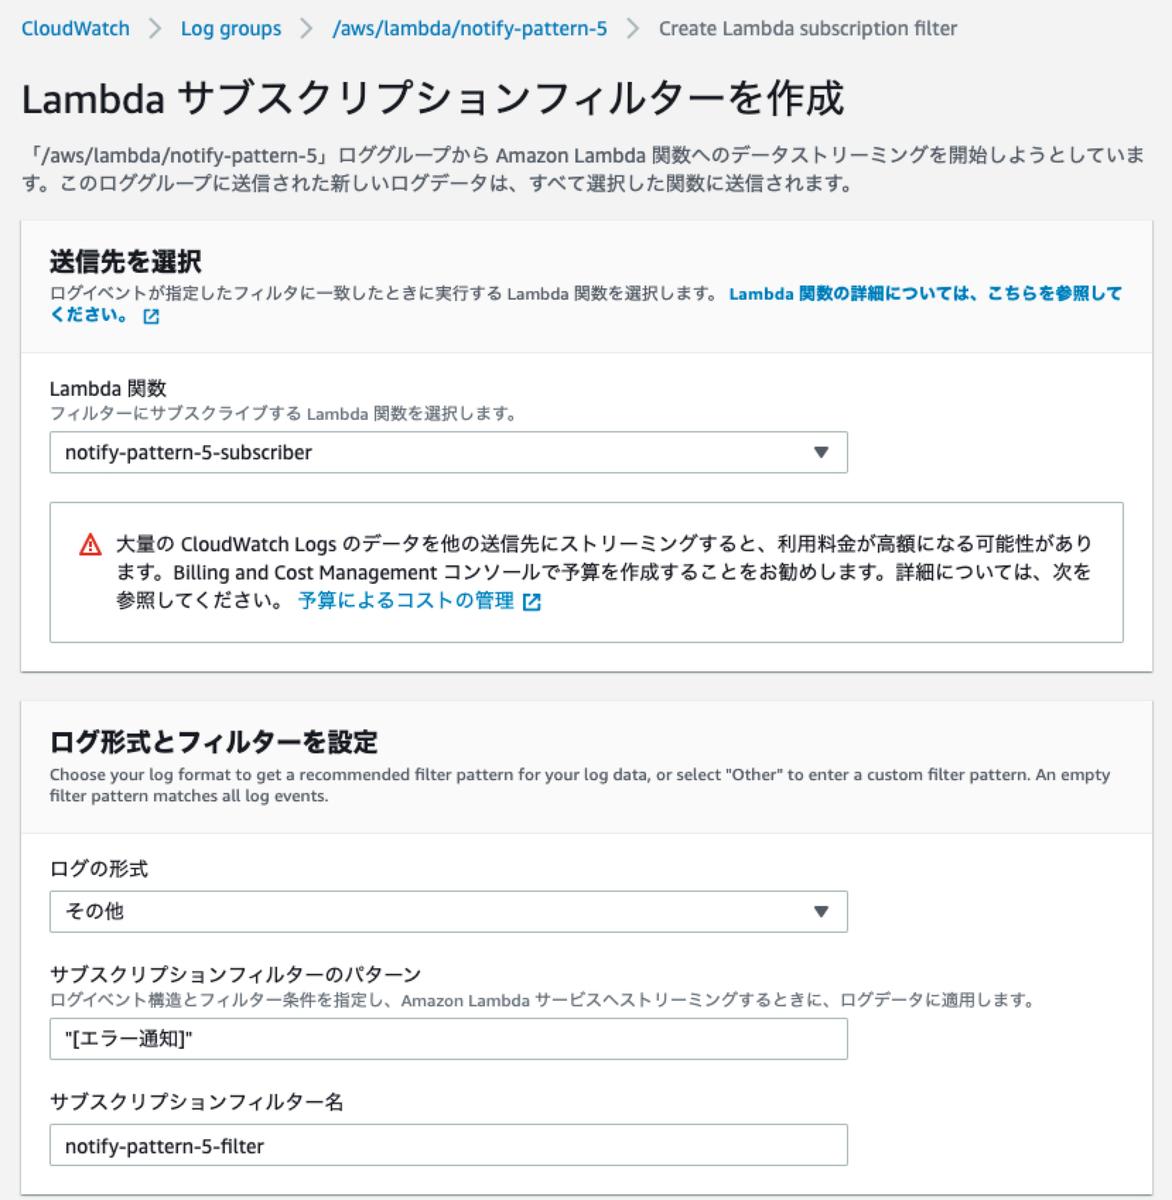 f:id:swx-miyamoto:20210804114932p:plain